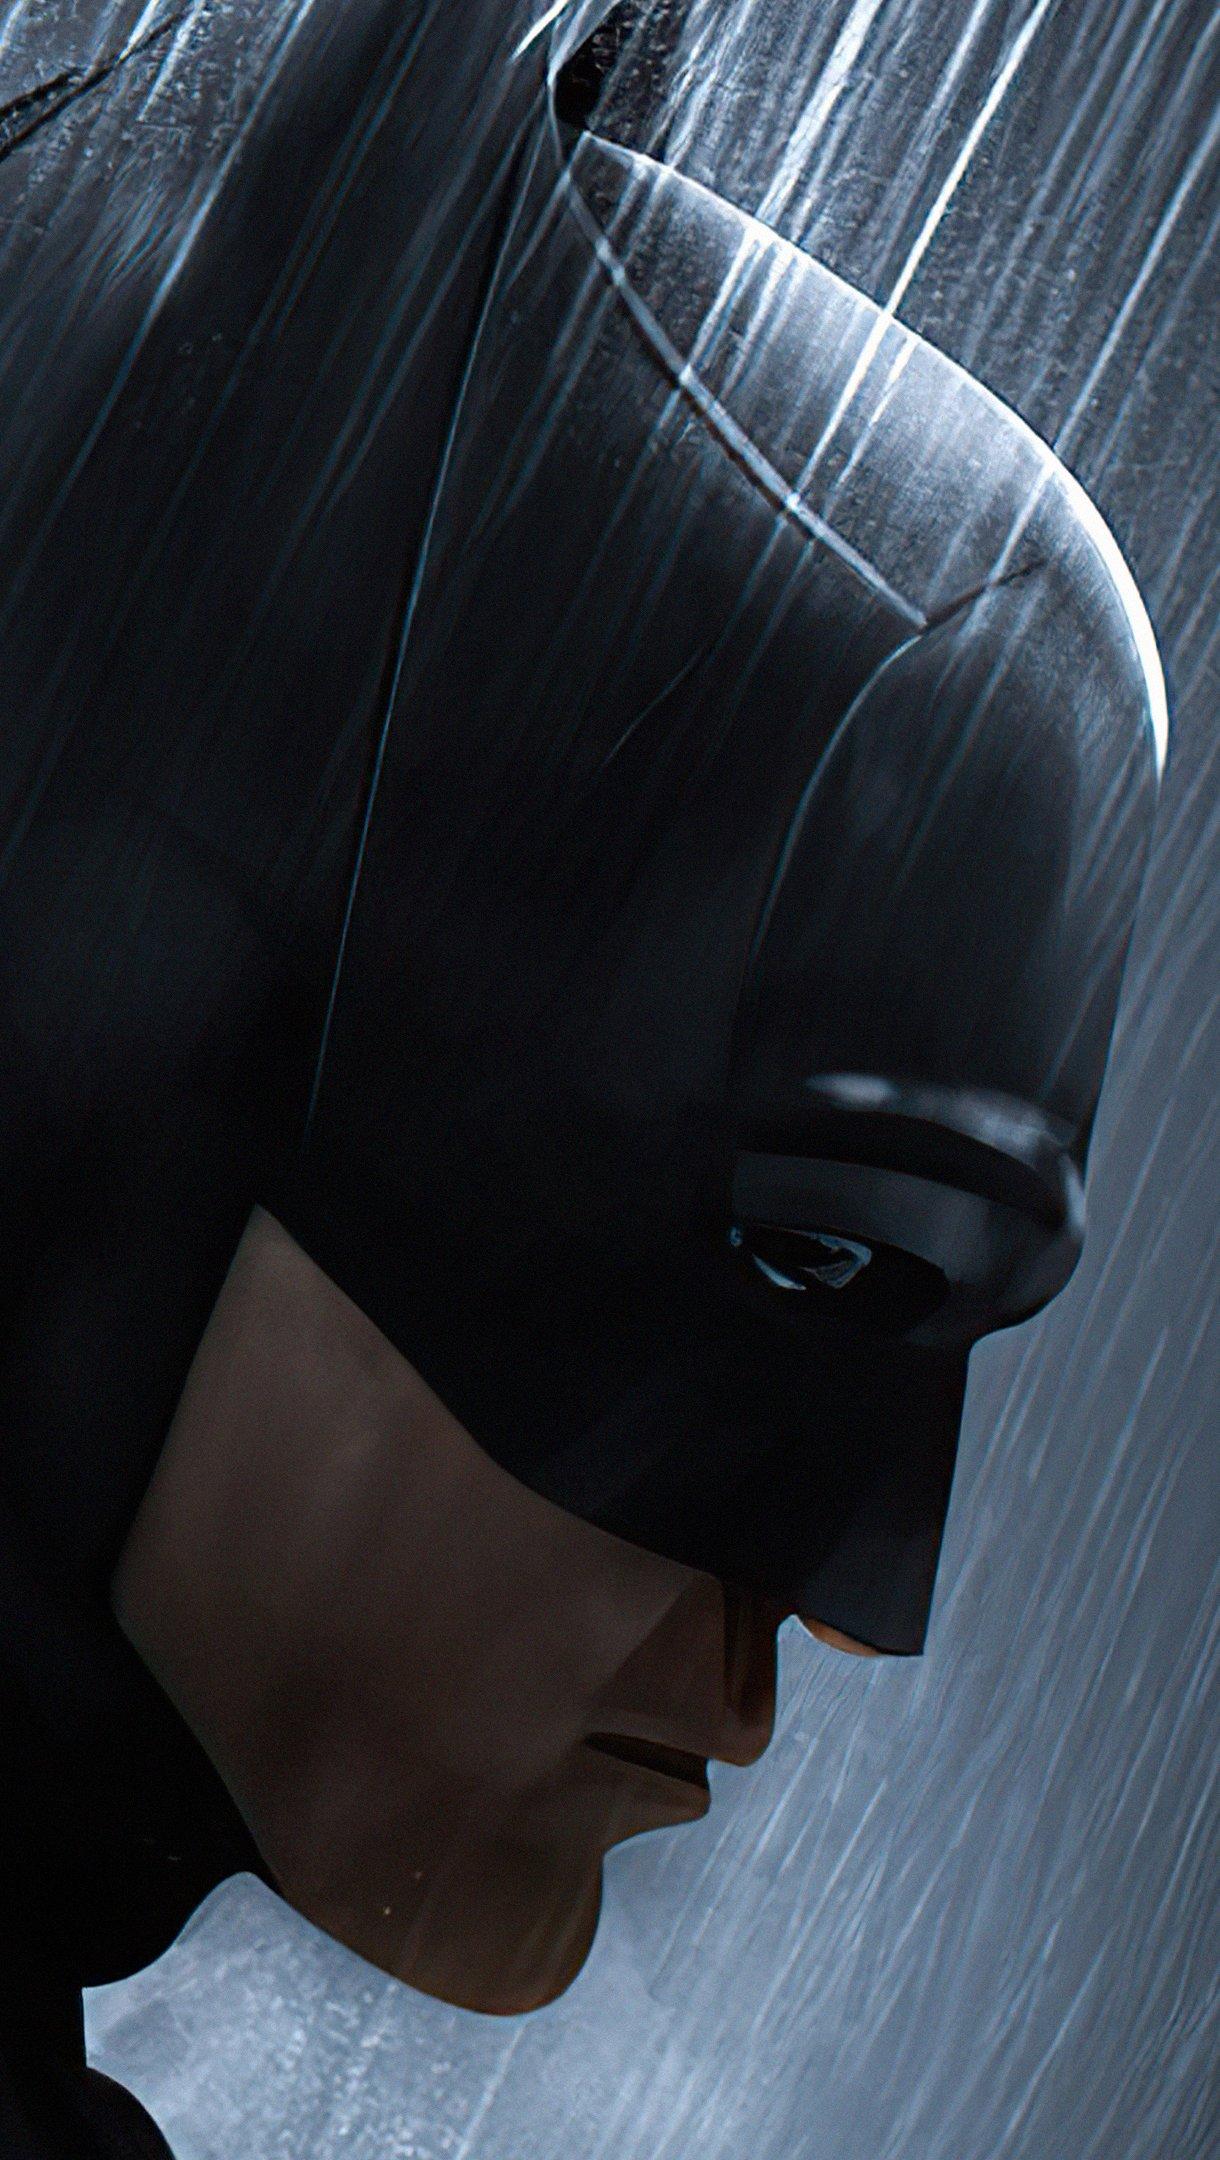 Wallpaper Robert Pattinson's face as Batman Vertical